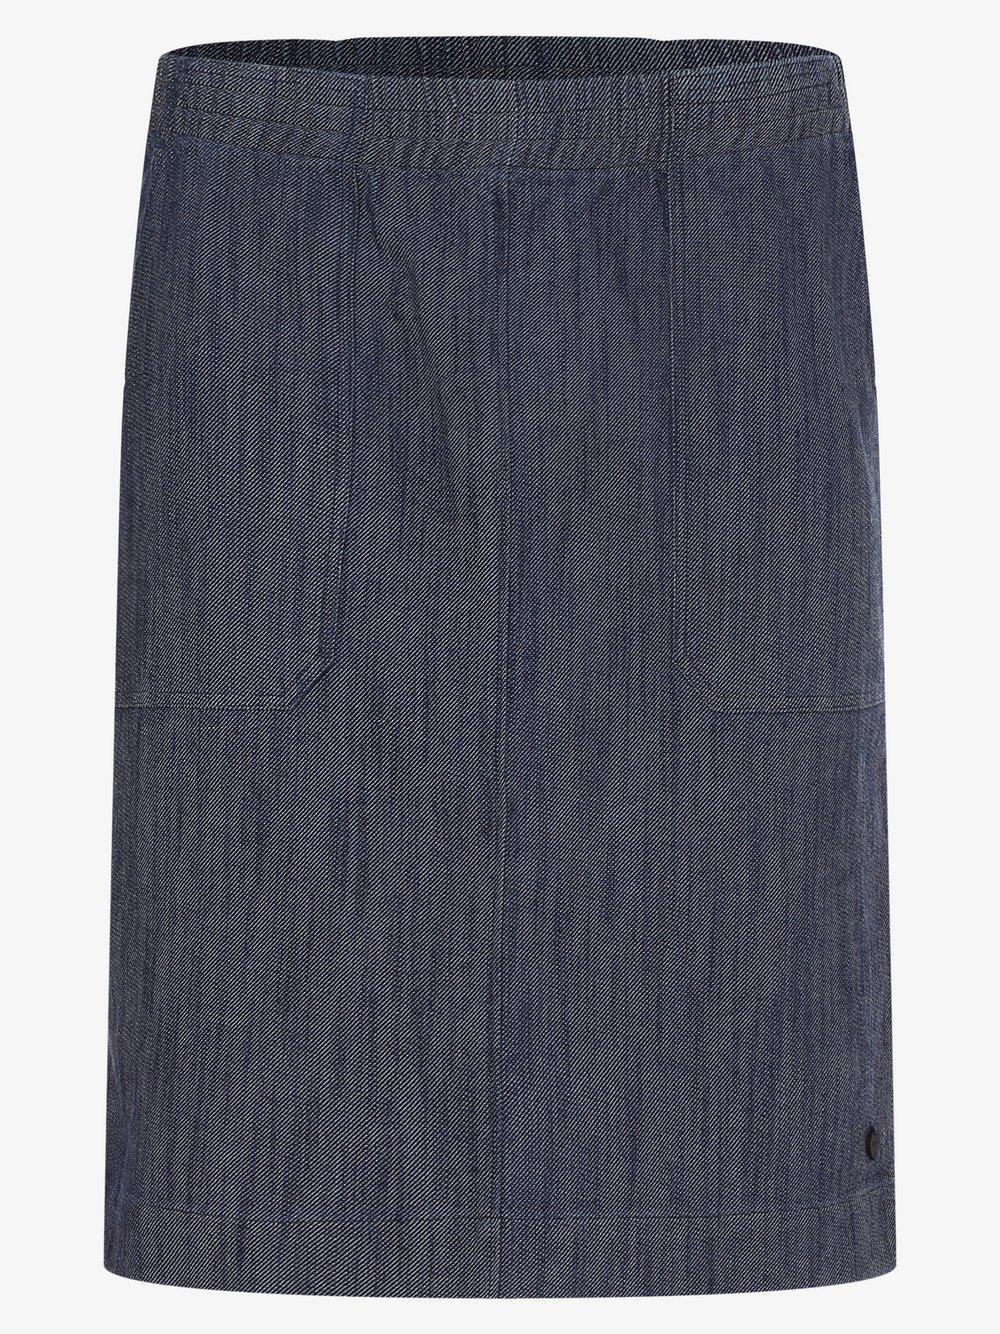 März – Spódnica damska, niebieski Van Graaf 471856-0001-00420